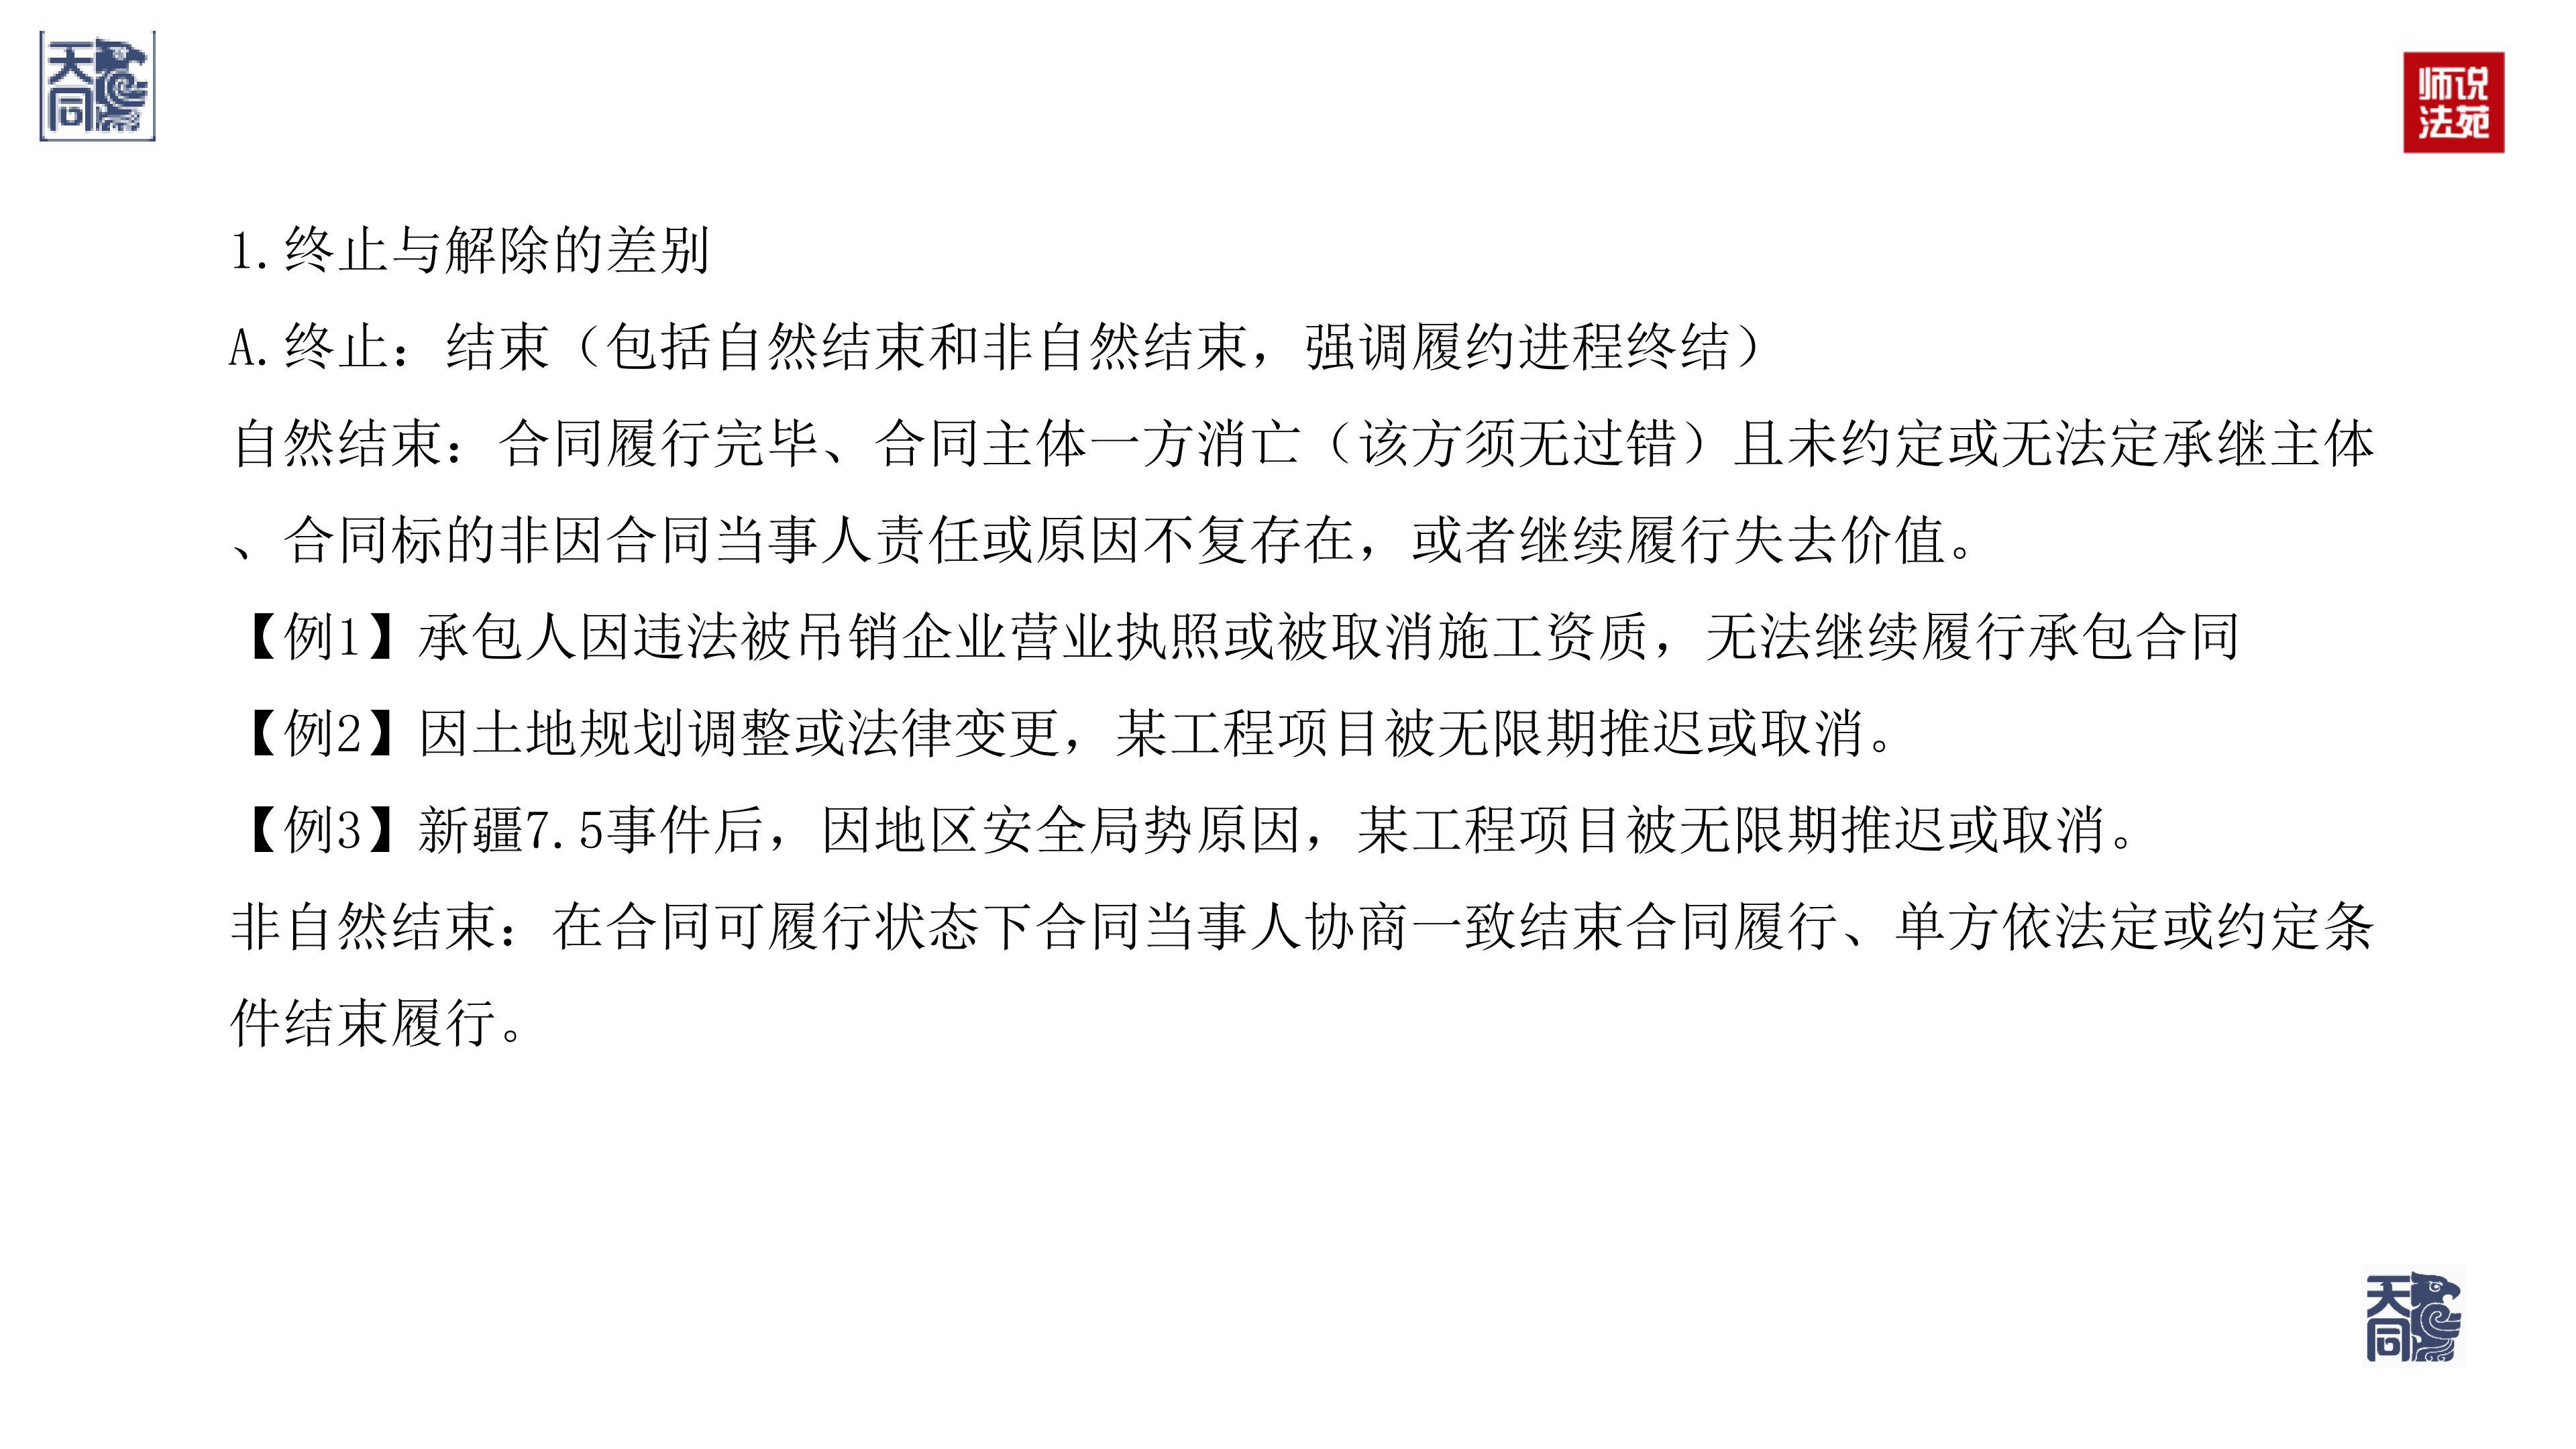 师说法苑 曹文衔 建设工程纠纷案件若干疑难问题处理(二)_41.jpg